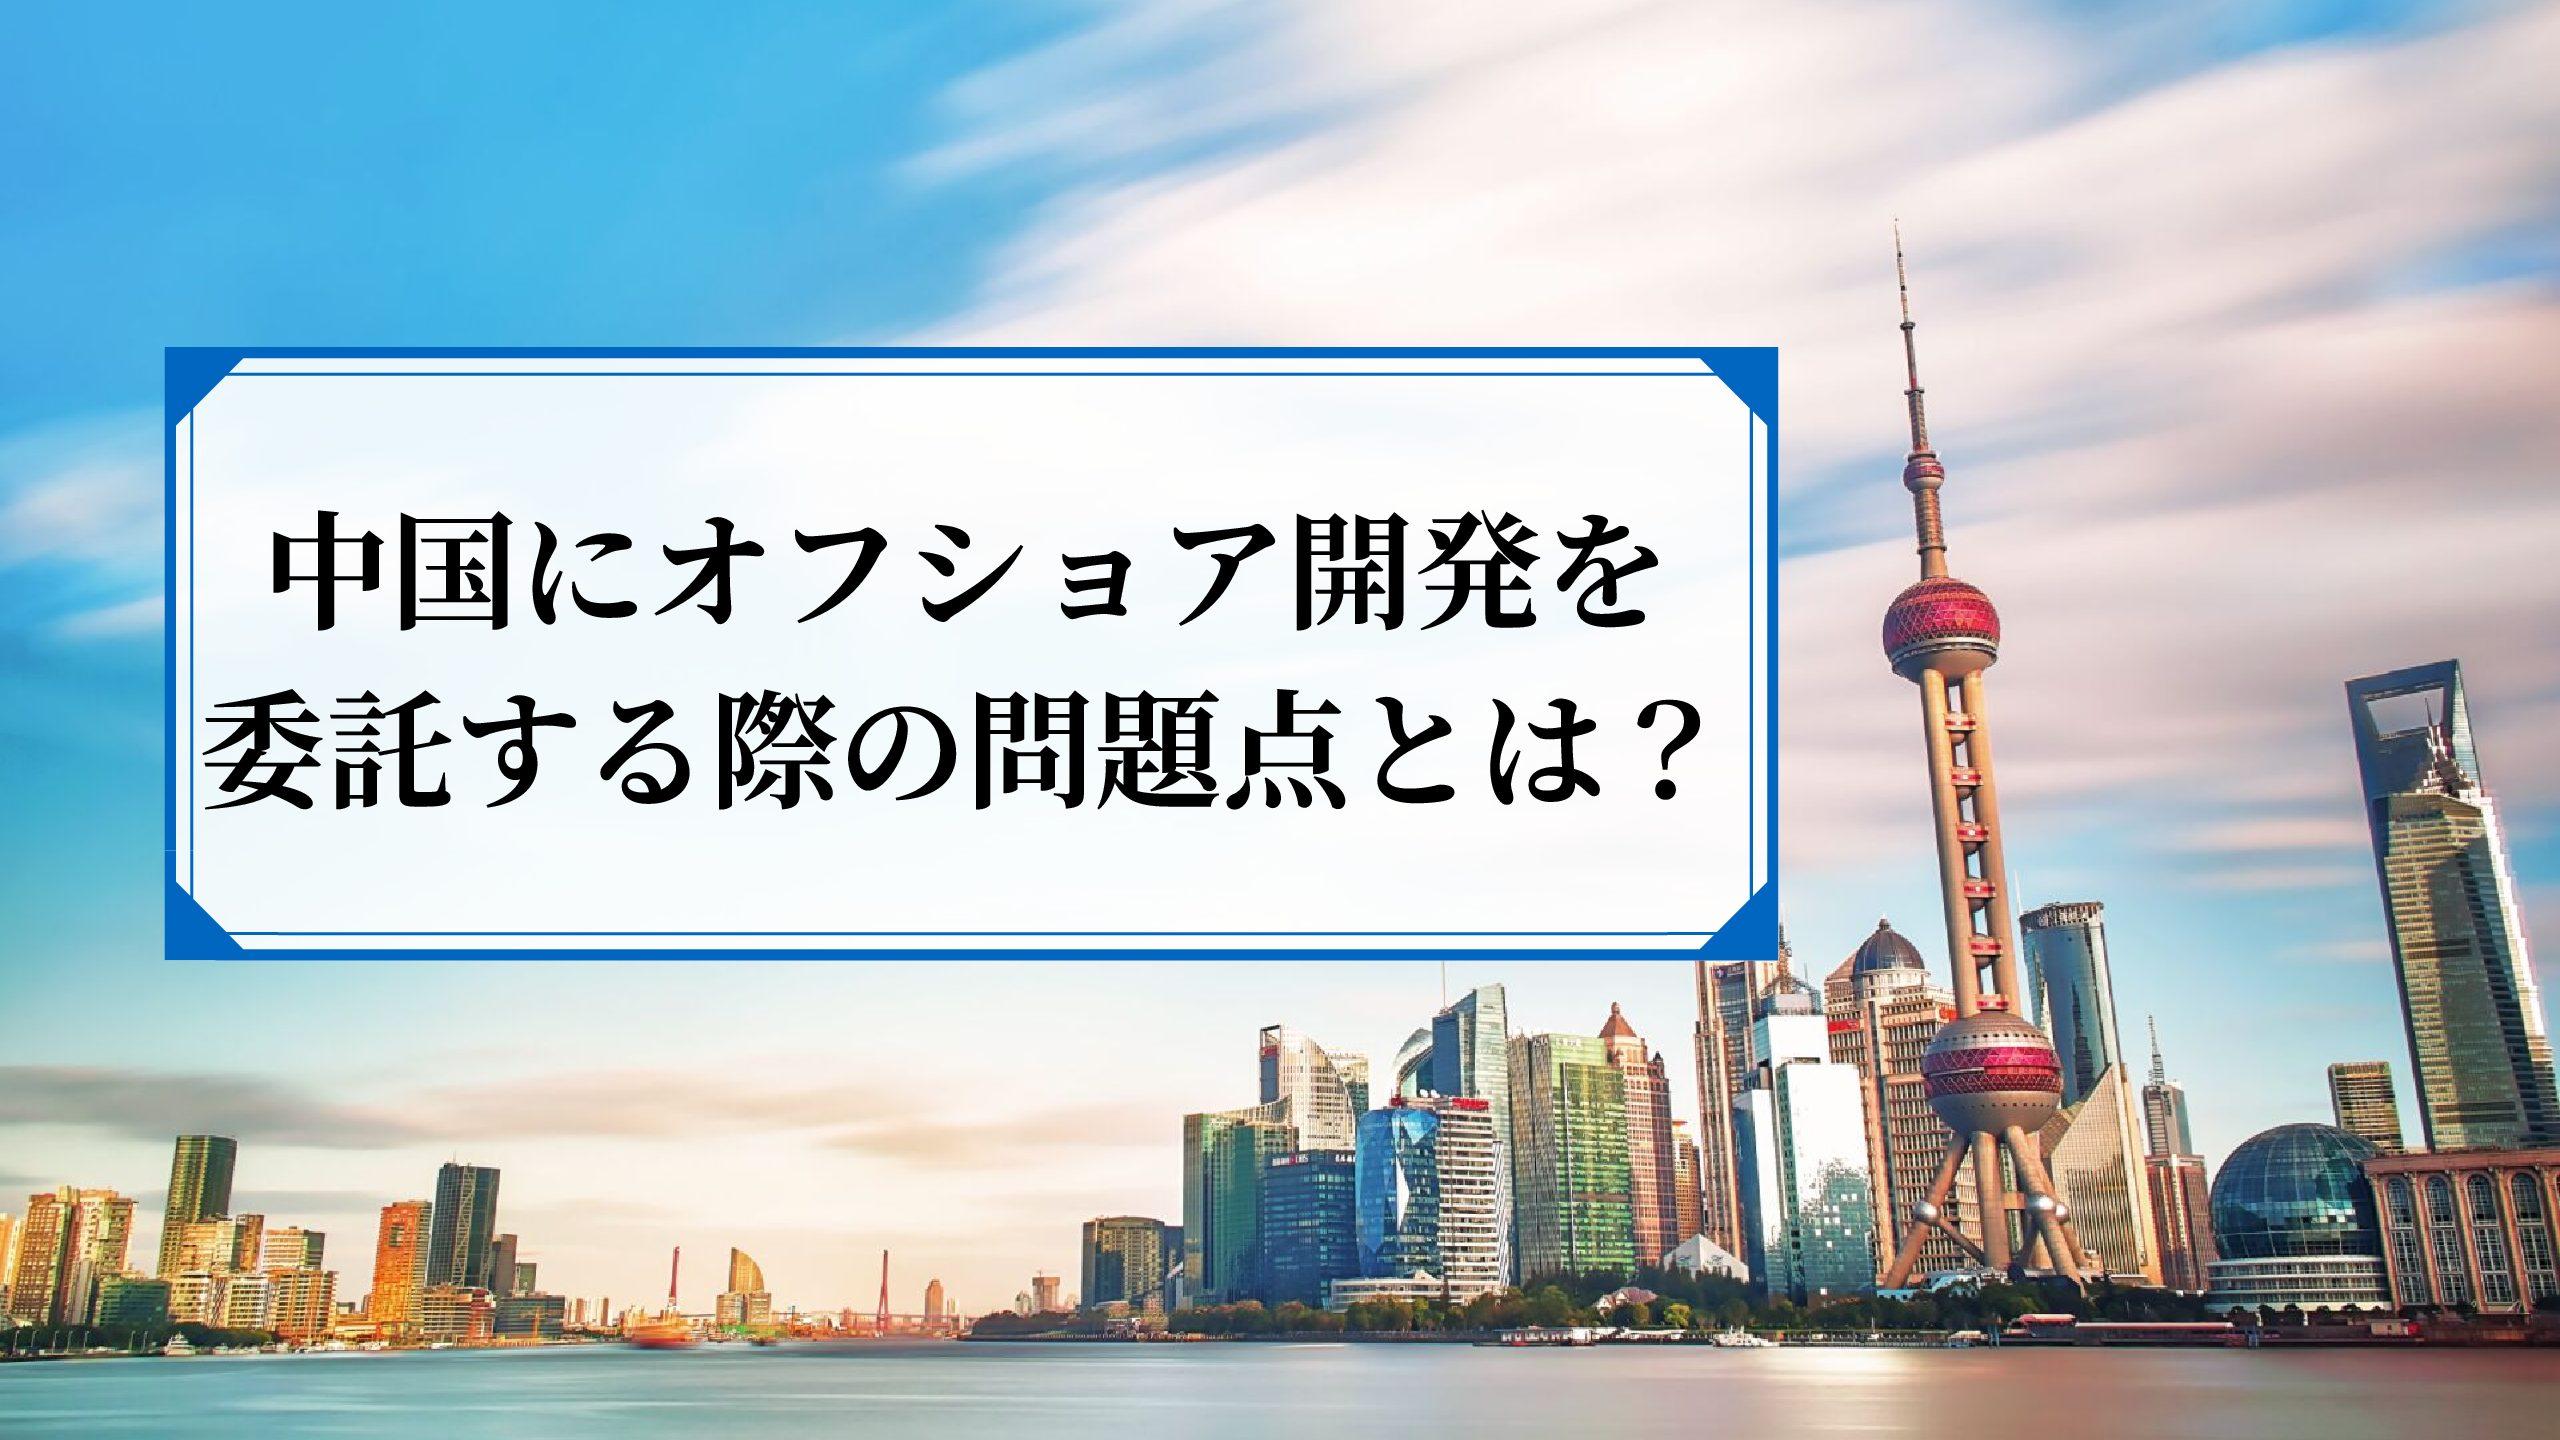 中国でオフショアする時代は終わった?その理由や問題点を徹底解説